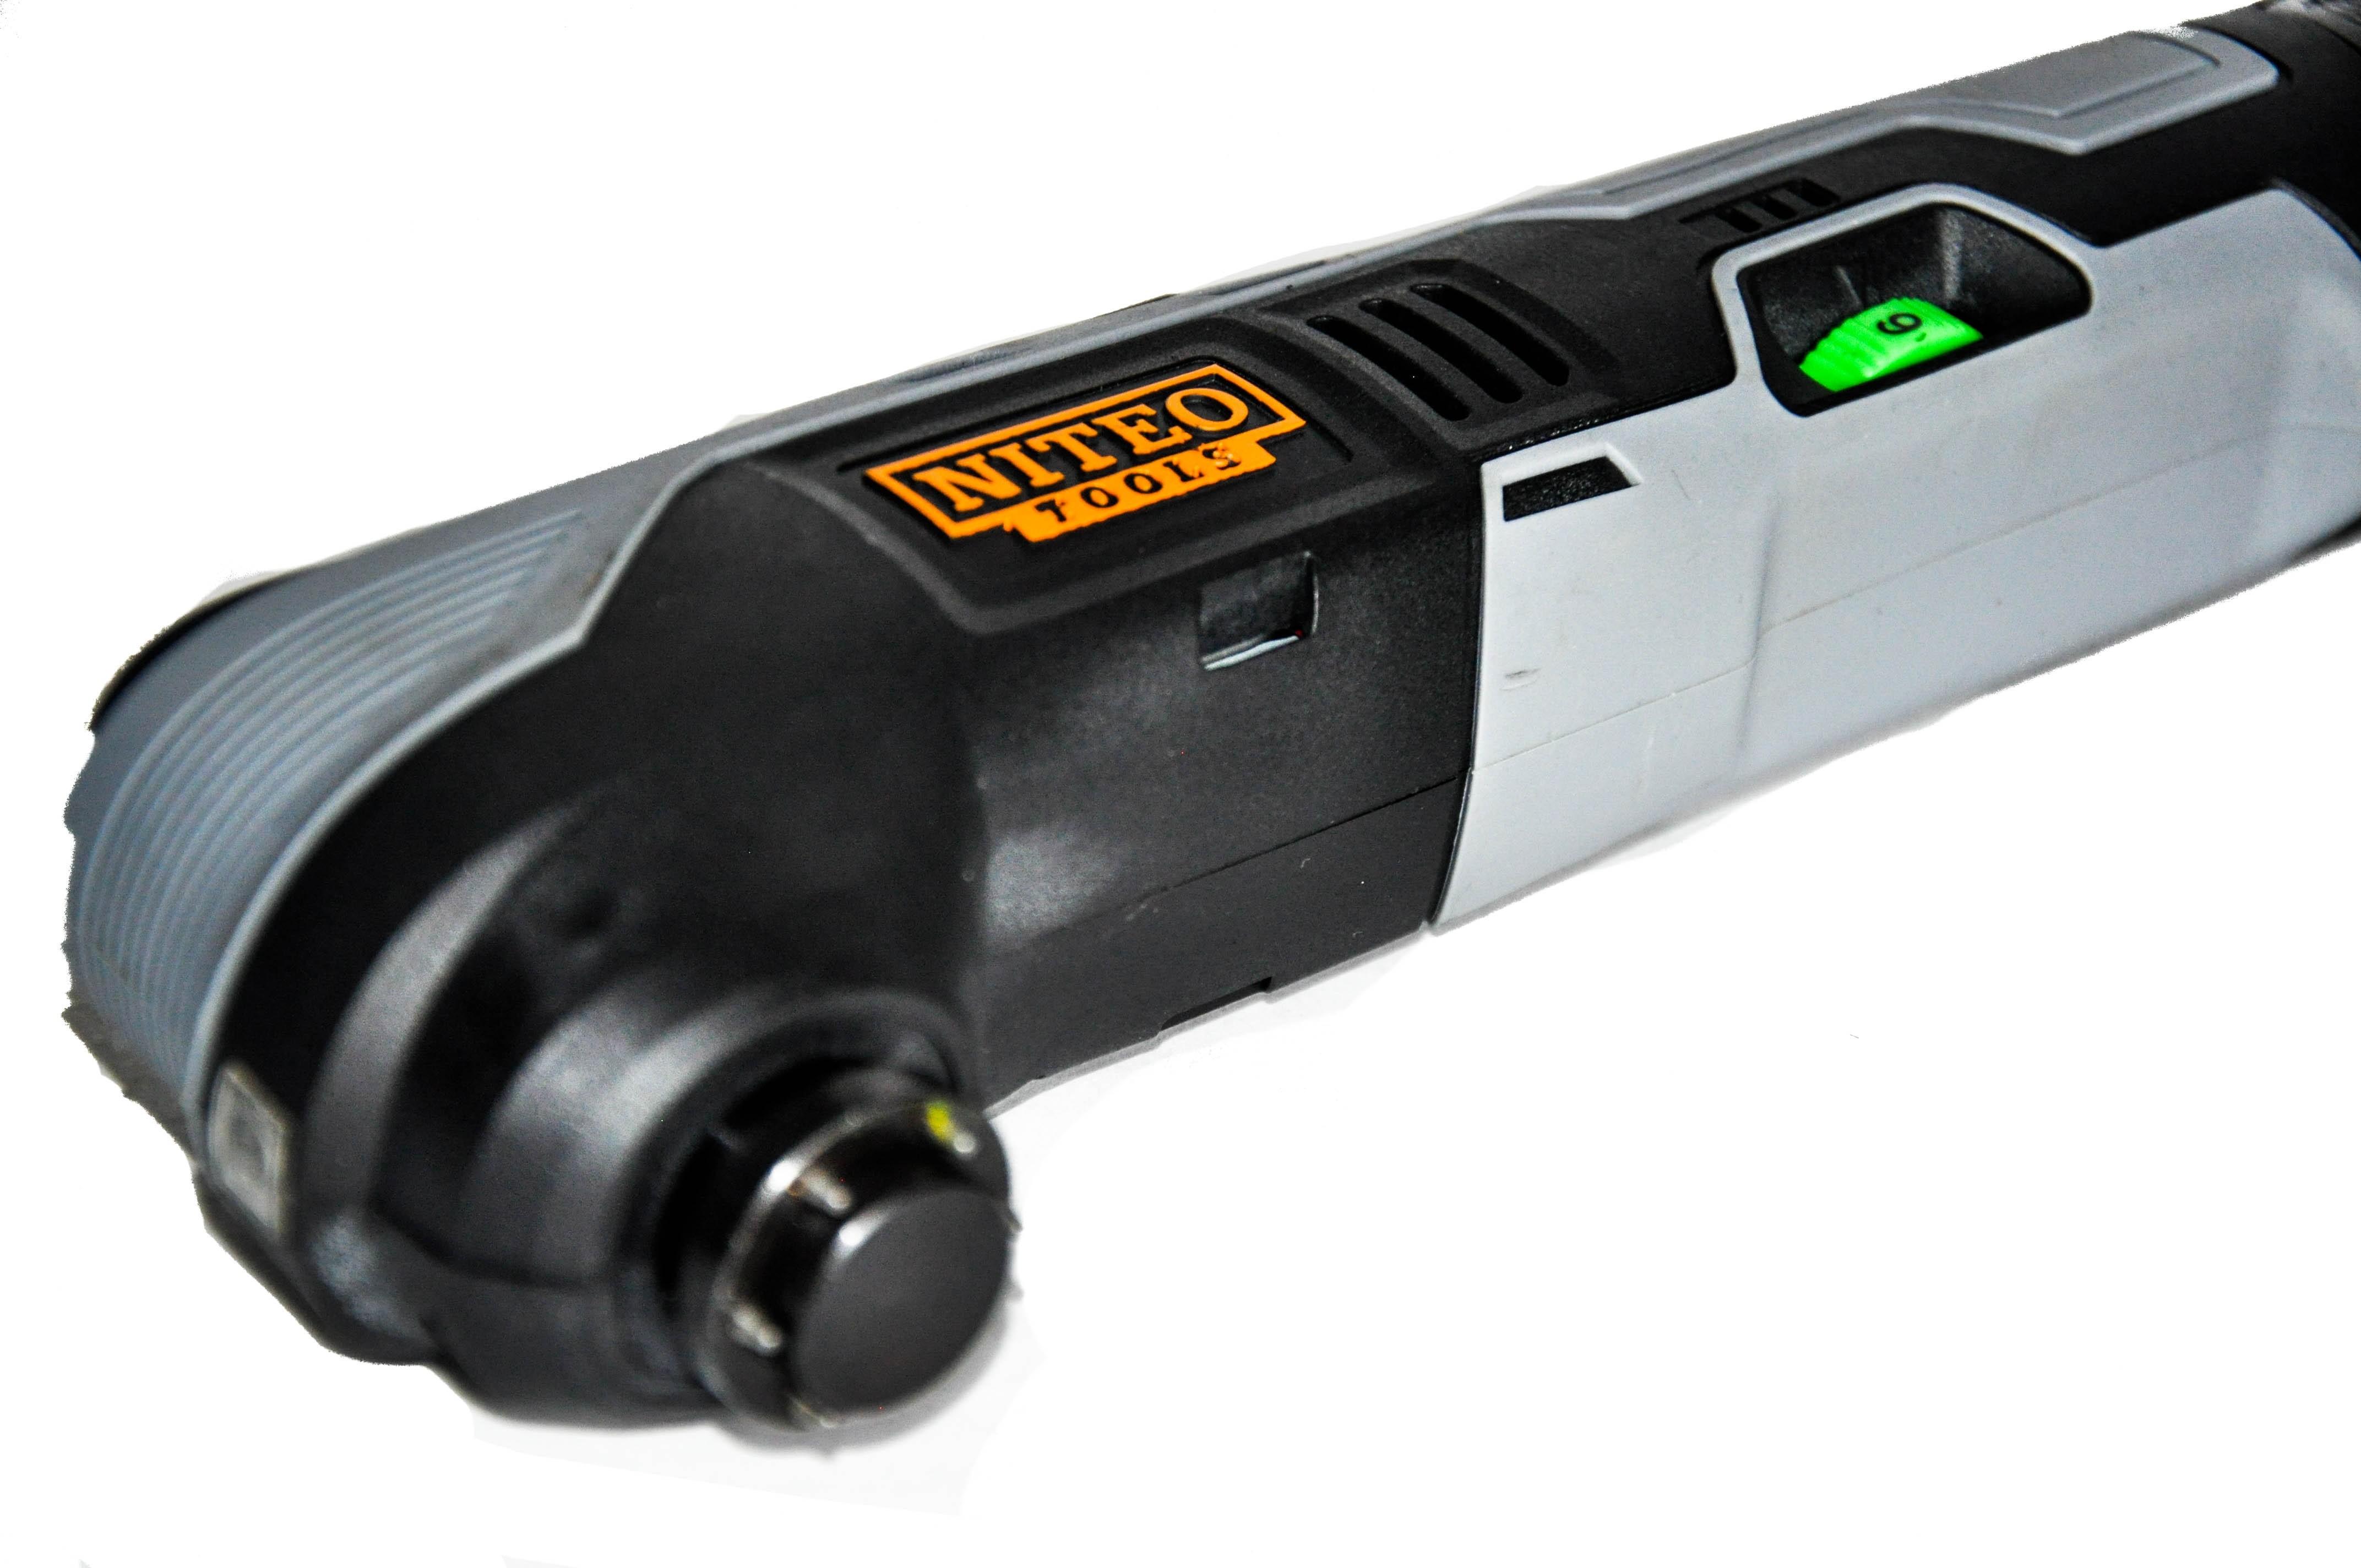 Akumulatorowe Narzędzie Wielofunkcyjne Niteo Tools 12v